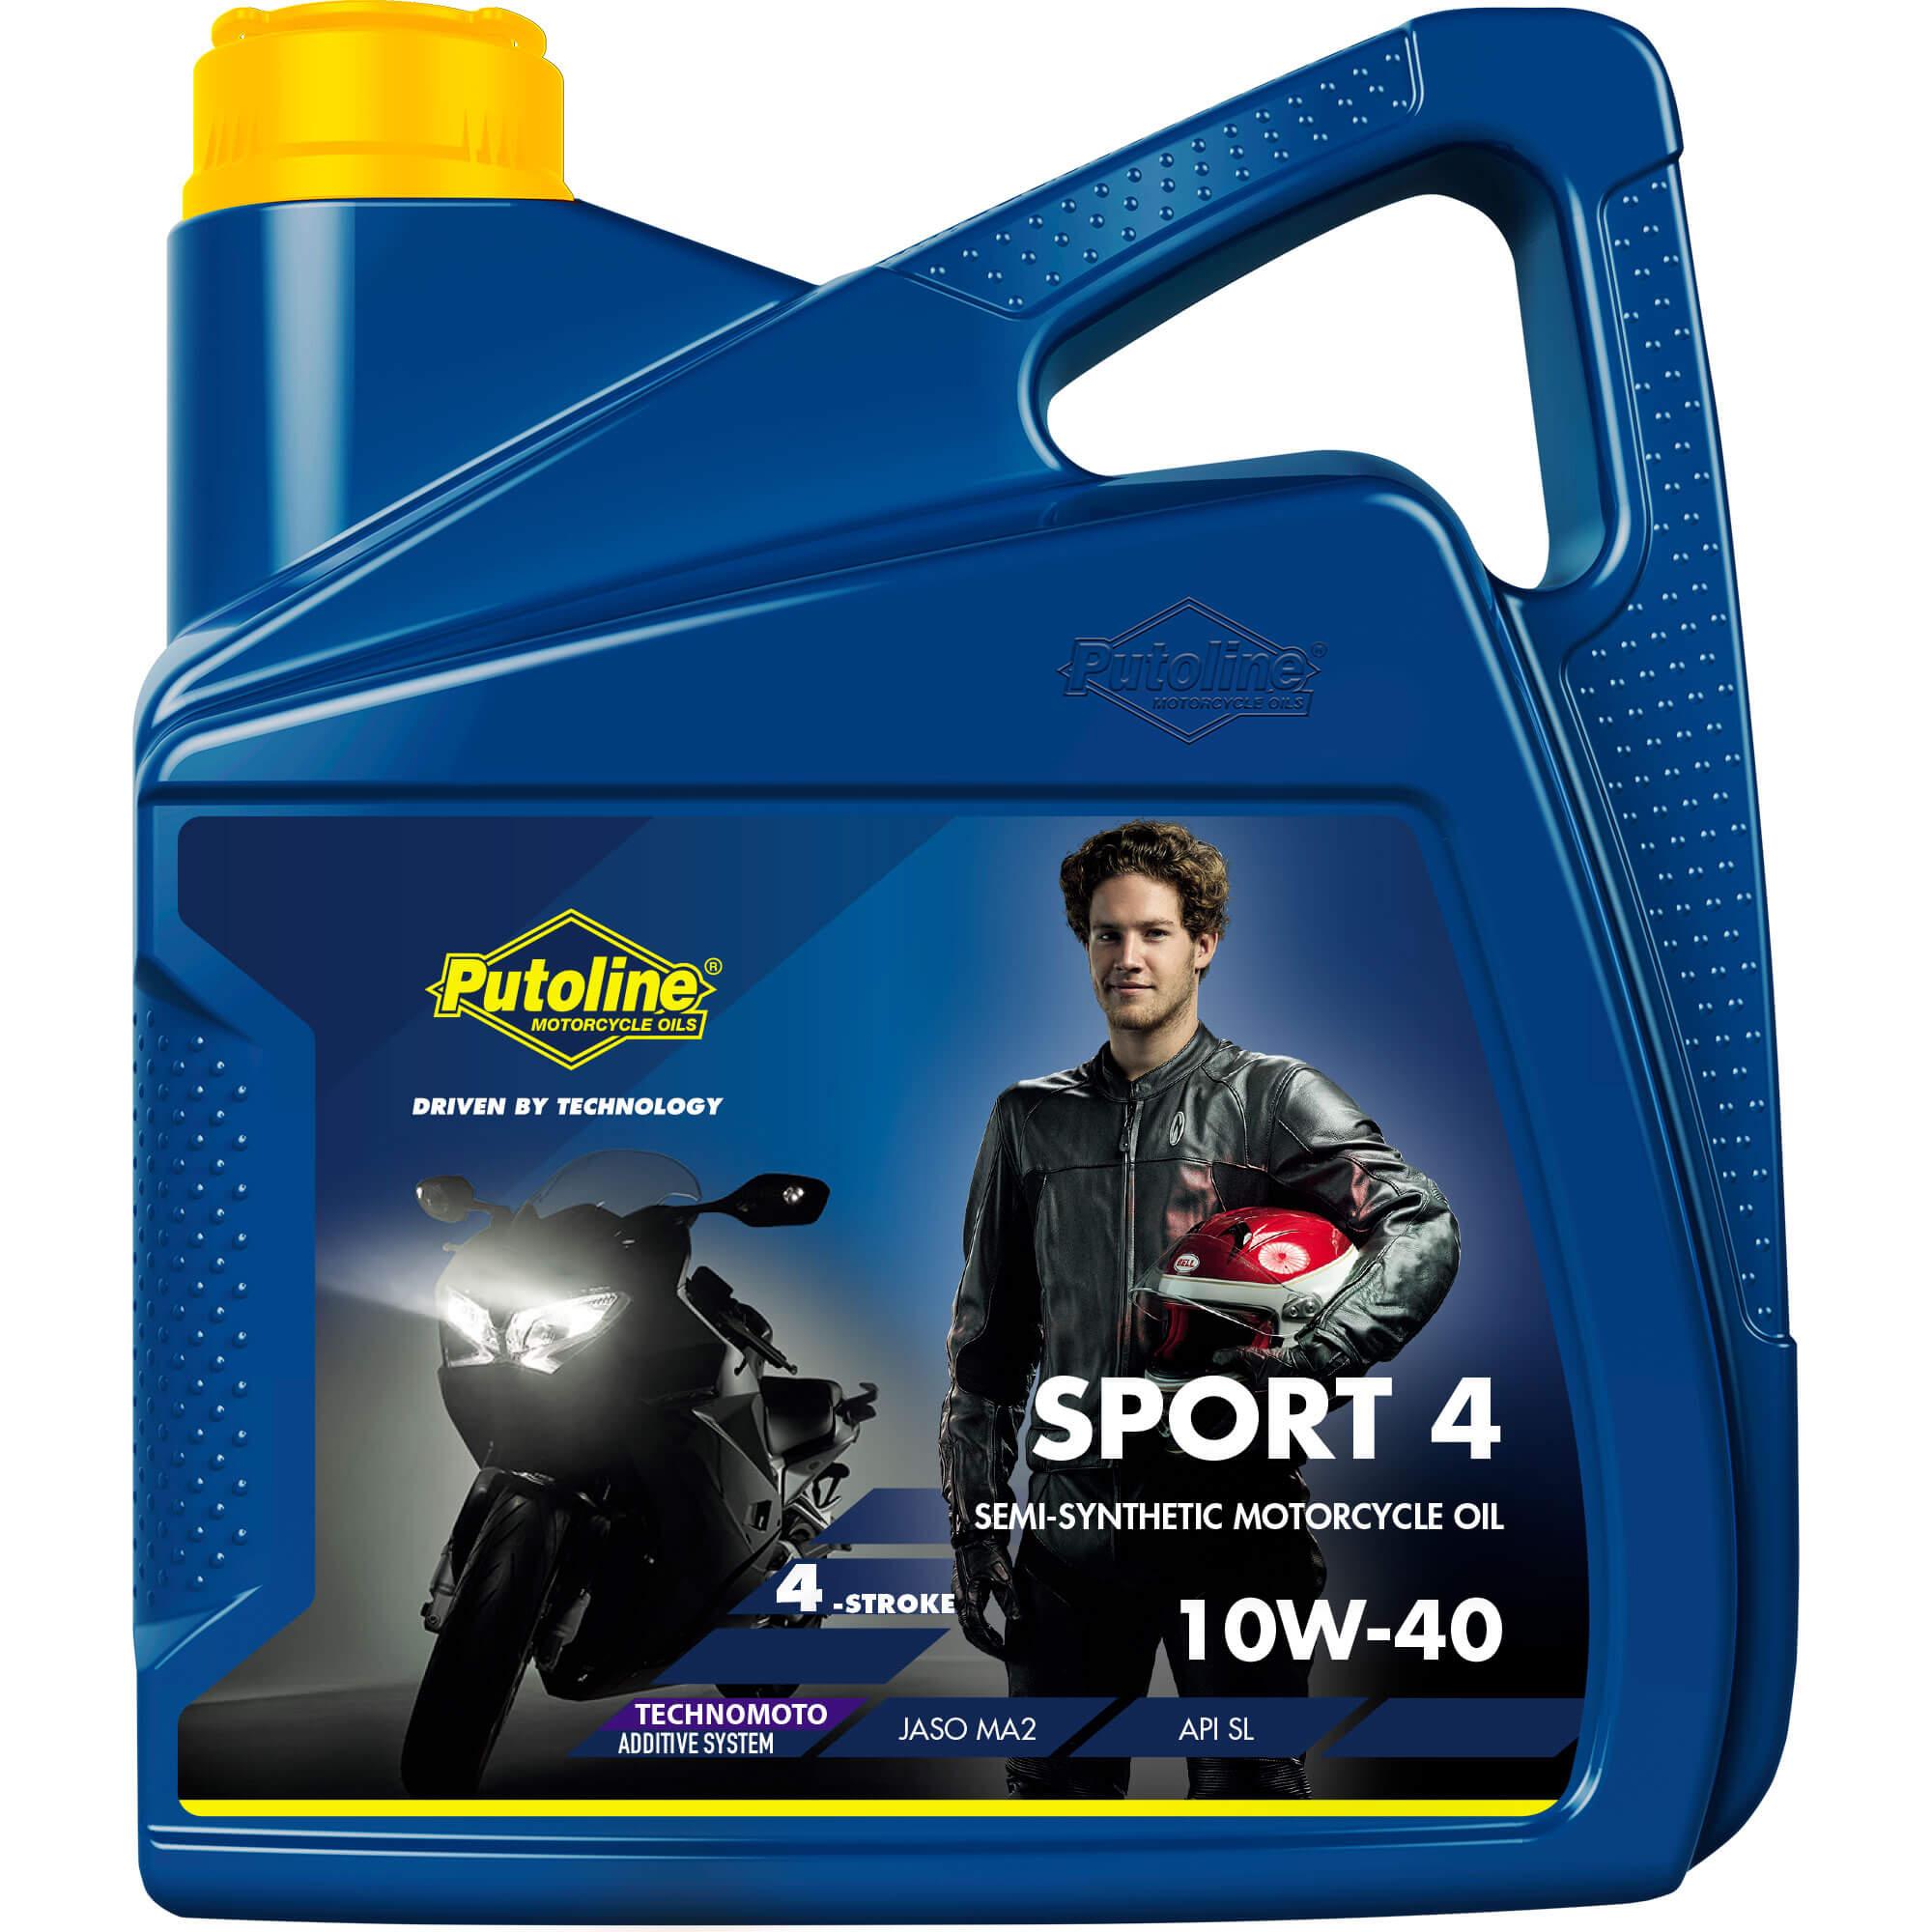 Bidon de 4 L Putoline Sport 4R 10W-40